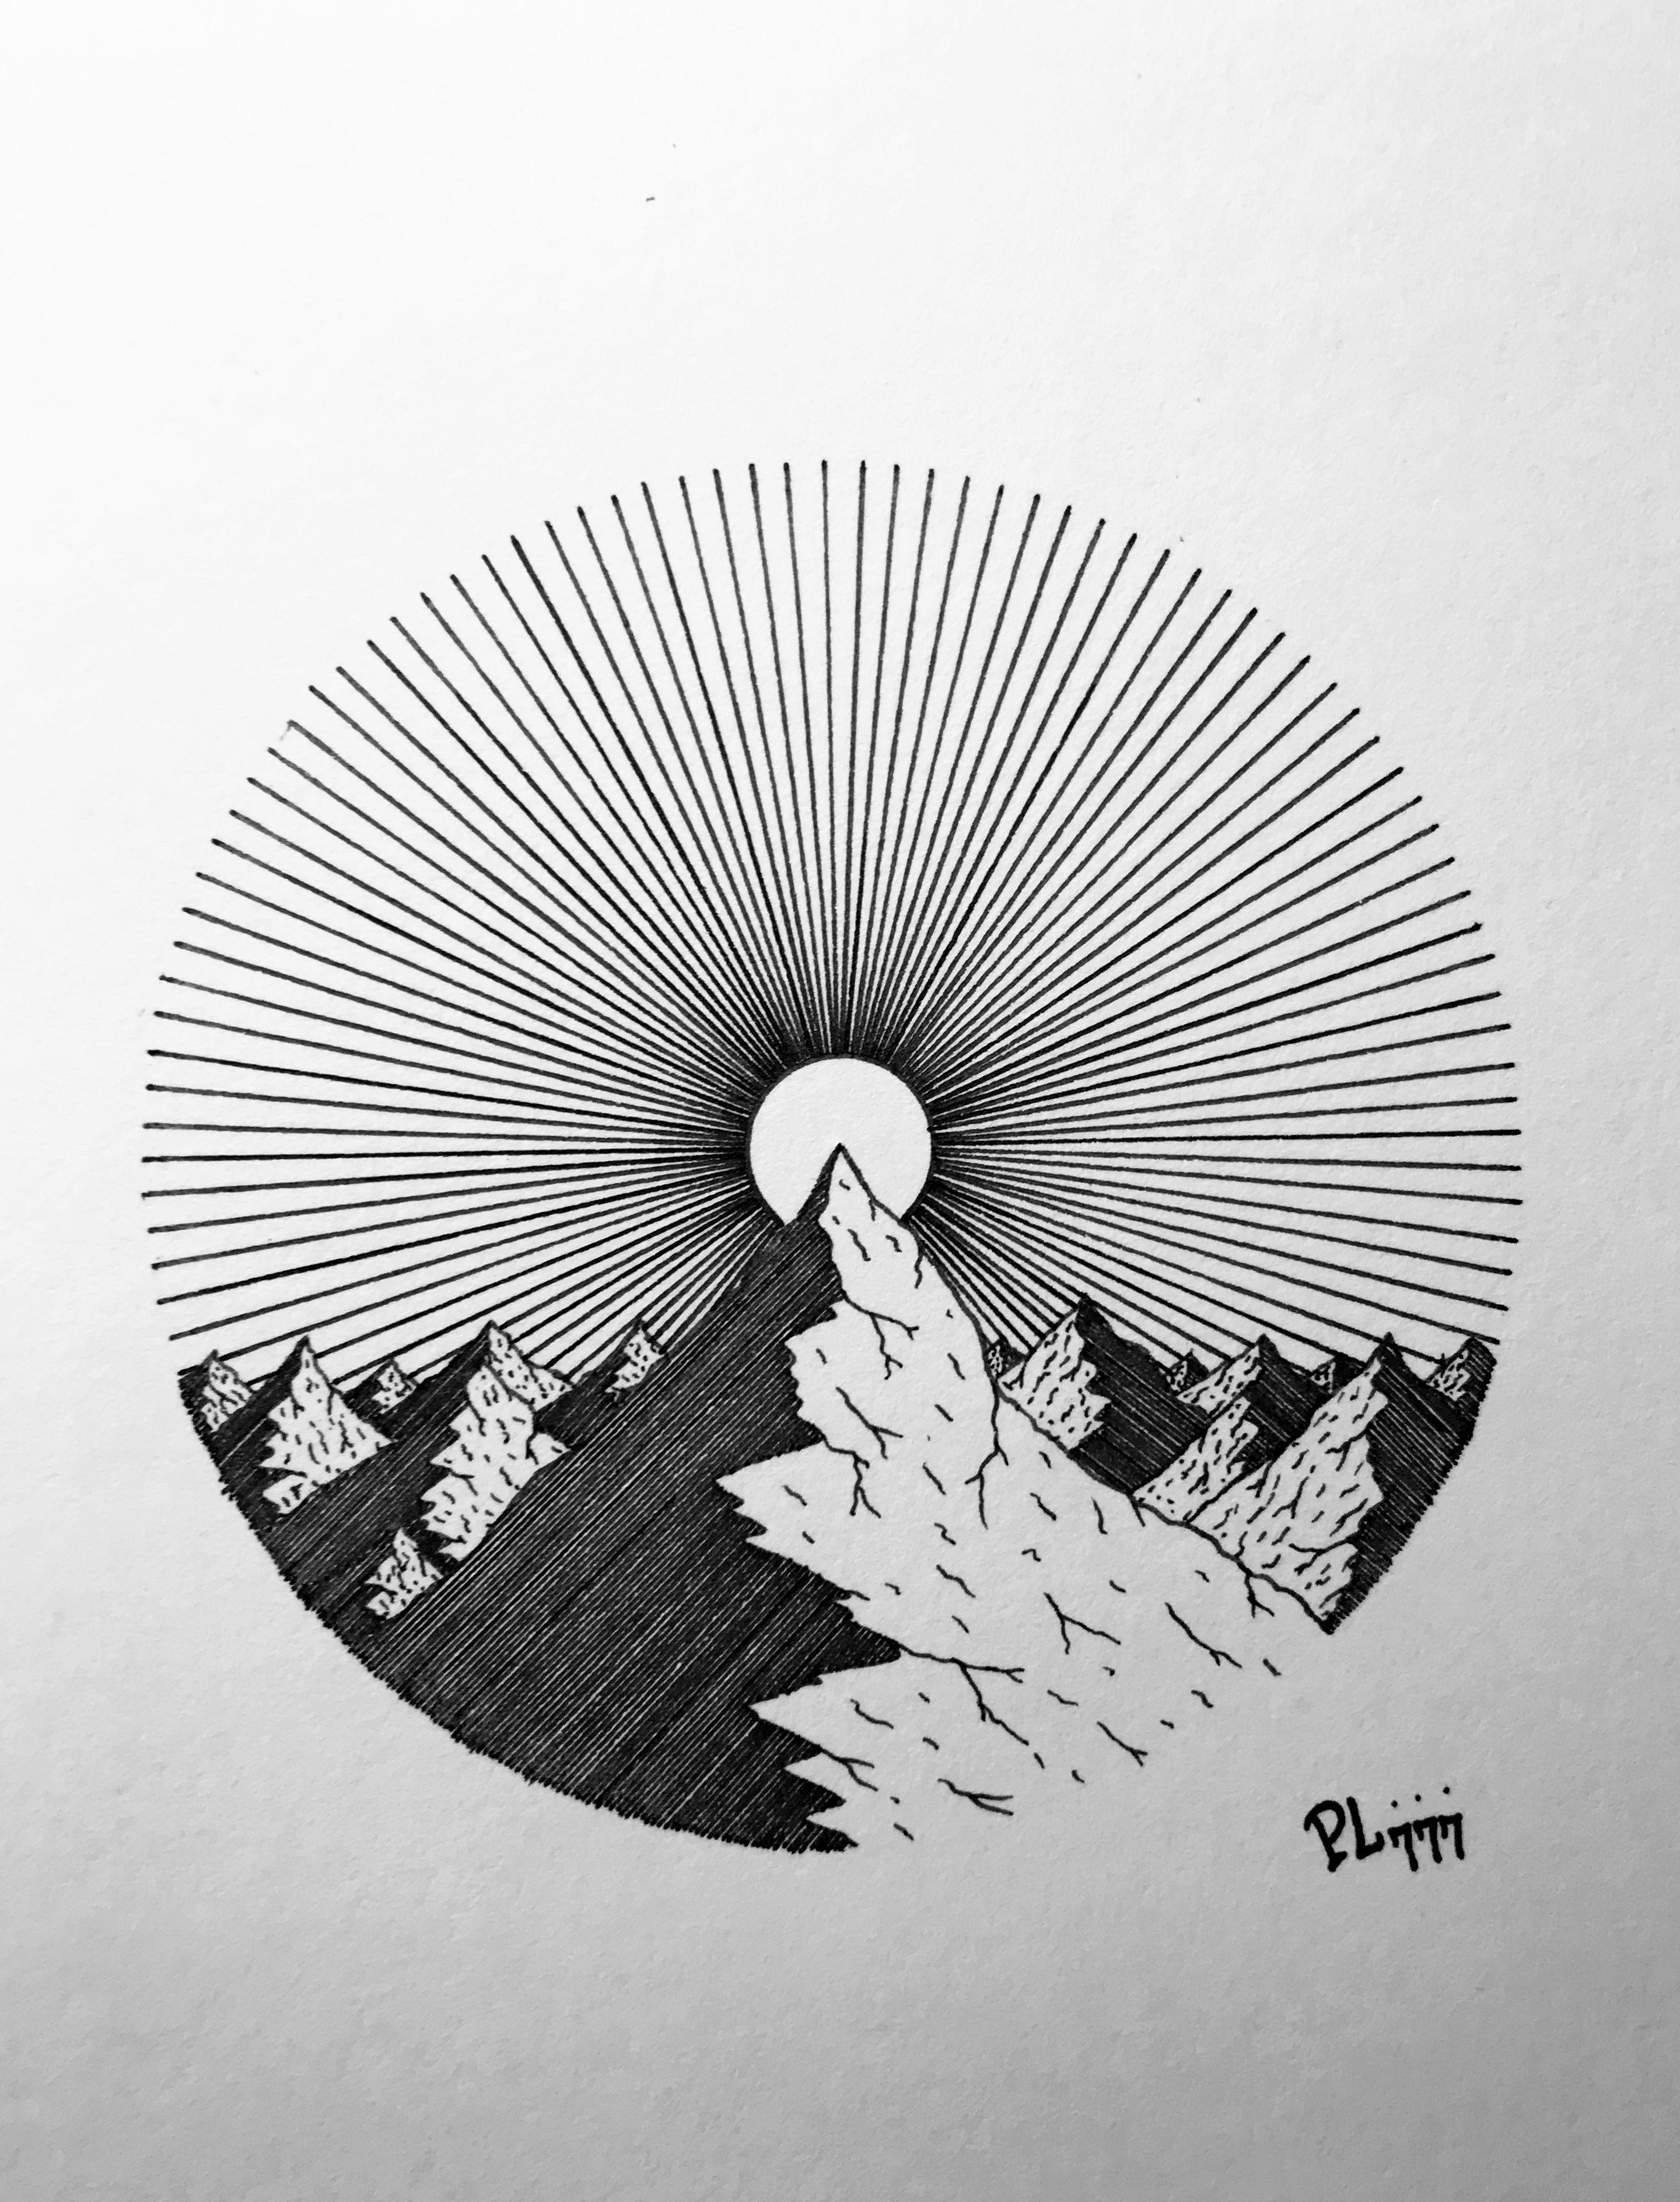 Dibujo A Lapicero De La Naturaleza Dibujo De La Naturaleza Arte De La Pluma Arte Dibujos En Lapiz Ilustraciones De Tinta